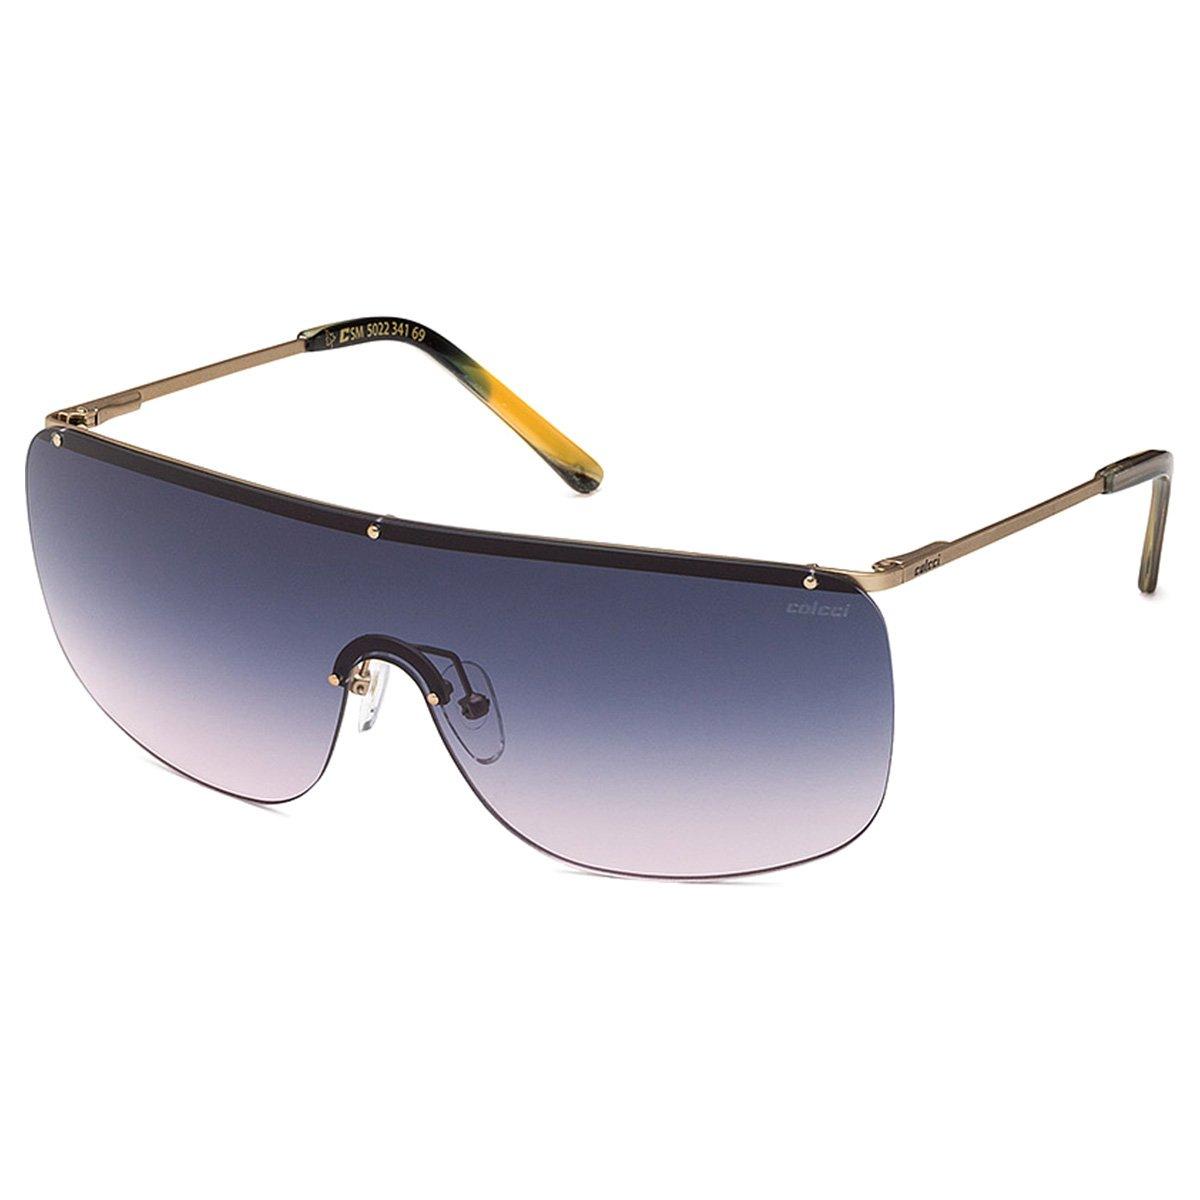 96f027ec0 Óculos de Sol Colcci 5022 Degradê Masculino | Livelo -Sua Vida com Mais  Recompensas